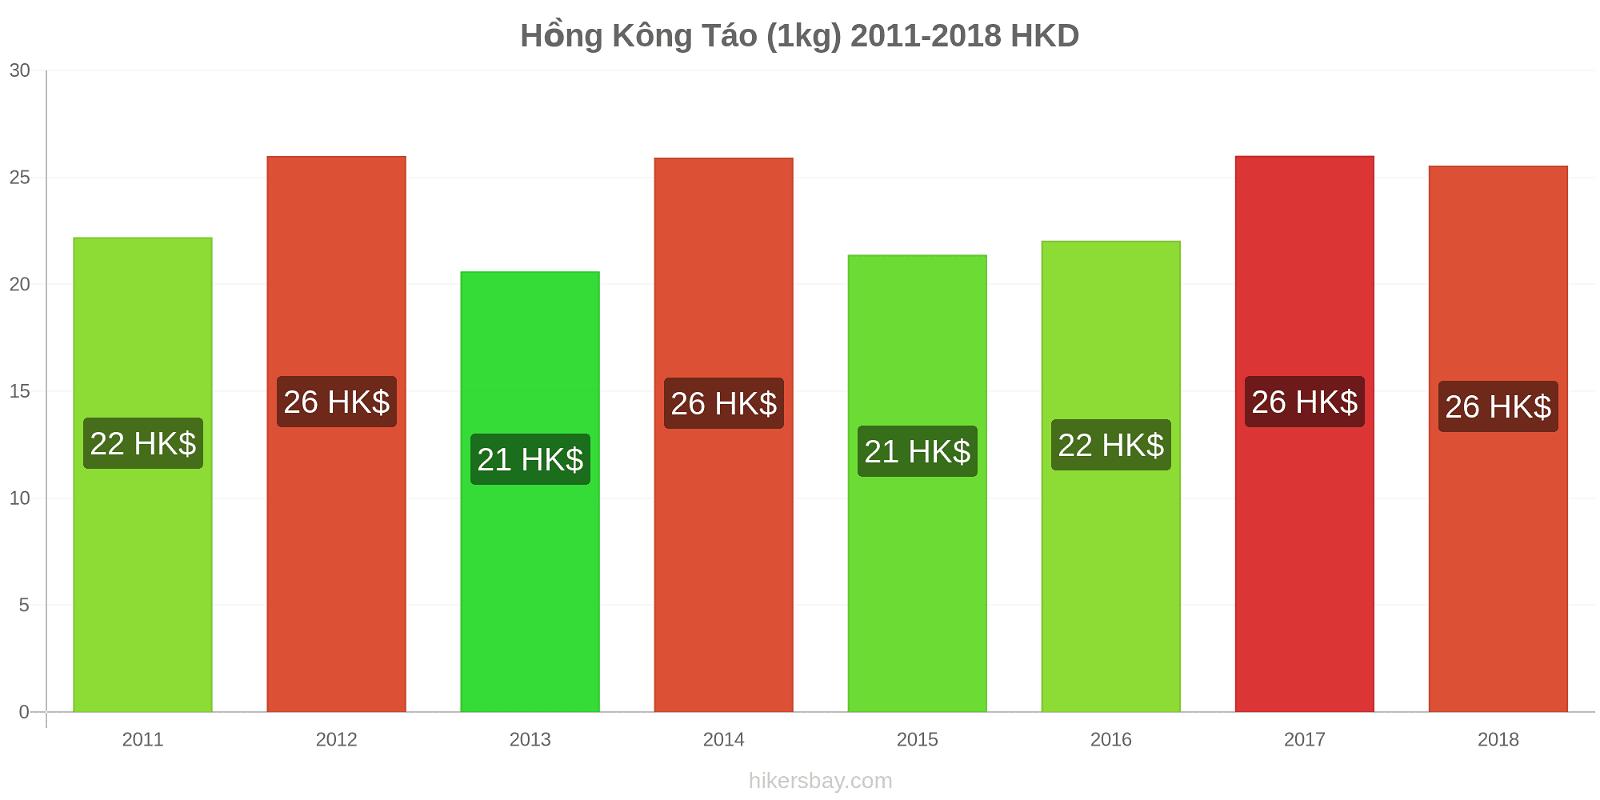 Hồng Kông thay đổi giá Táo (1kg) hikersbay.com